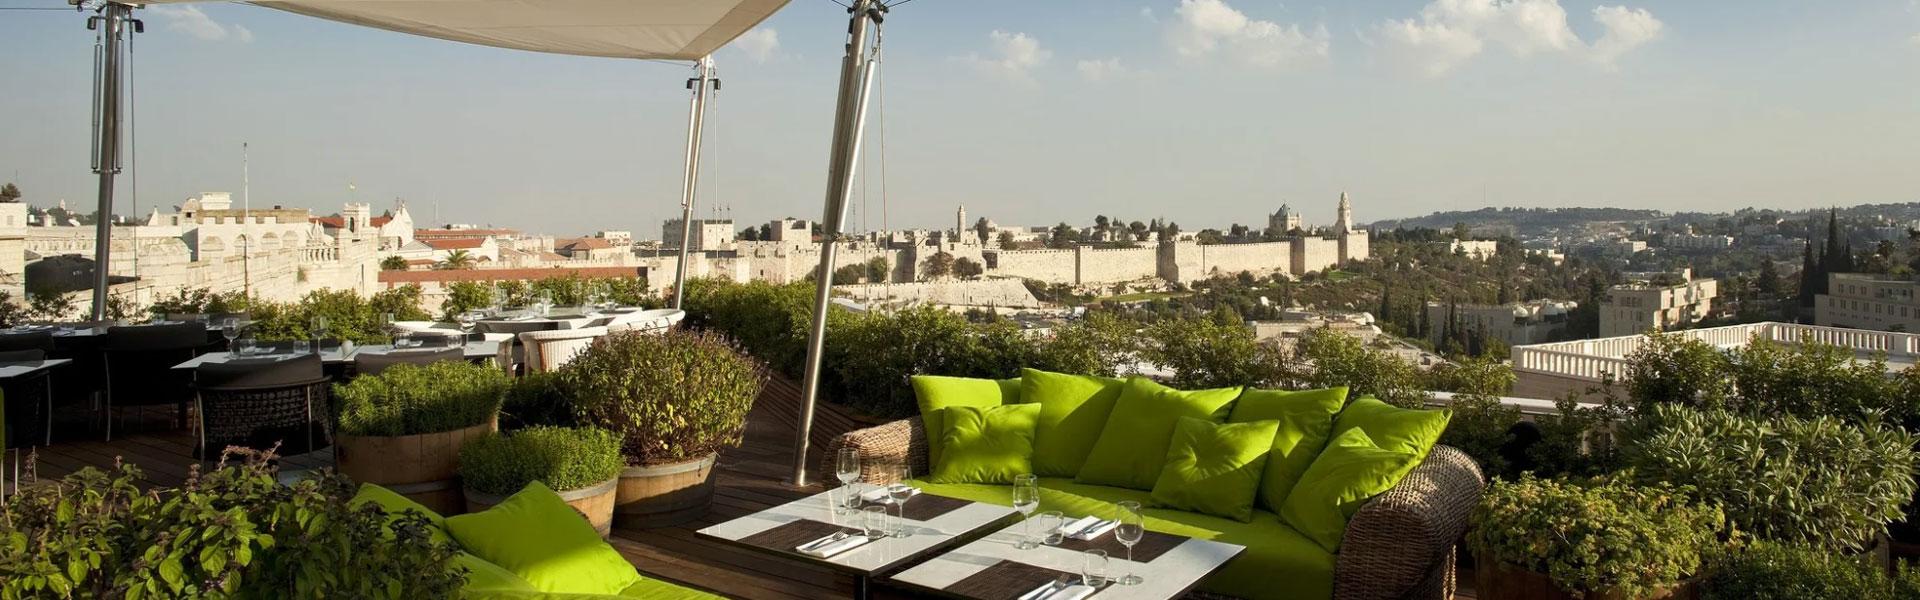 Hôtel-boutique Mamilla à Jérusalem